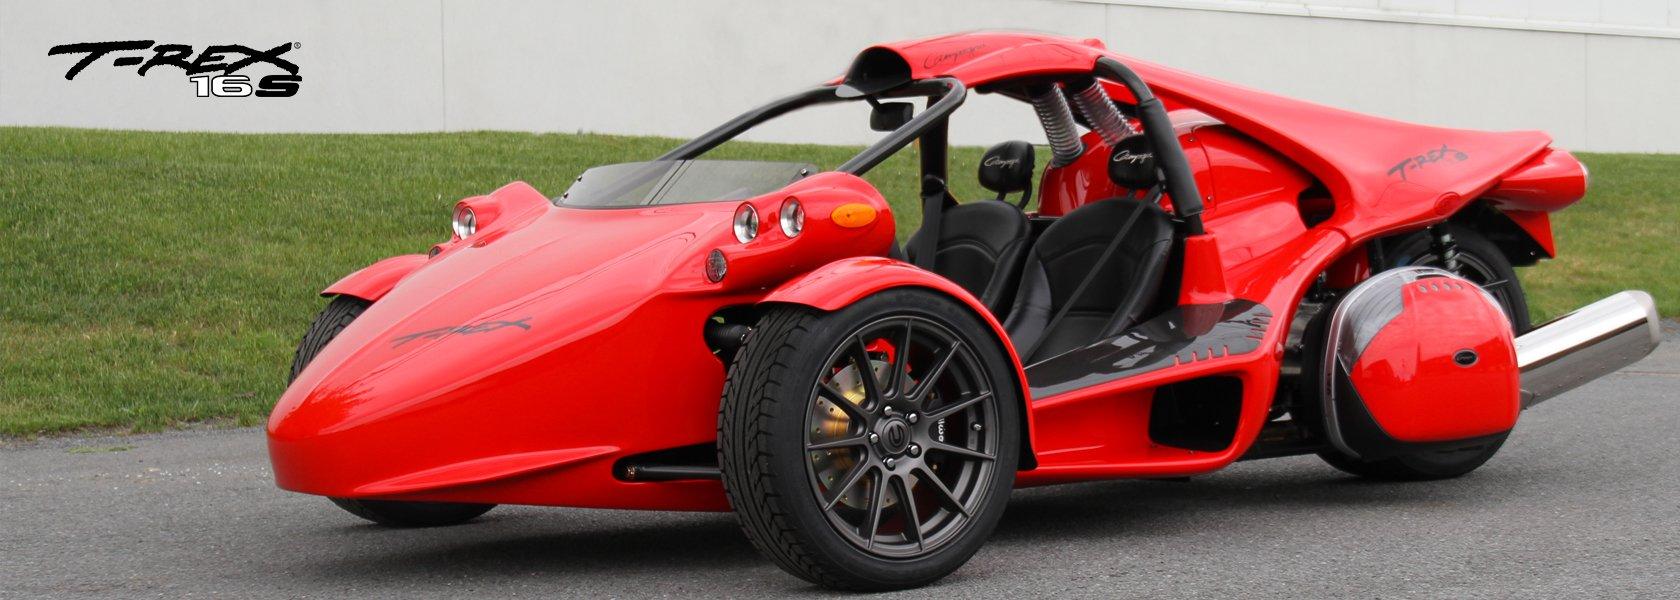 2017 T Rex 16s Explore Campagna Motors